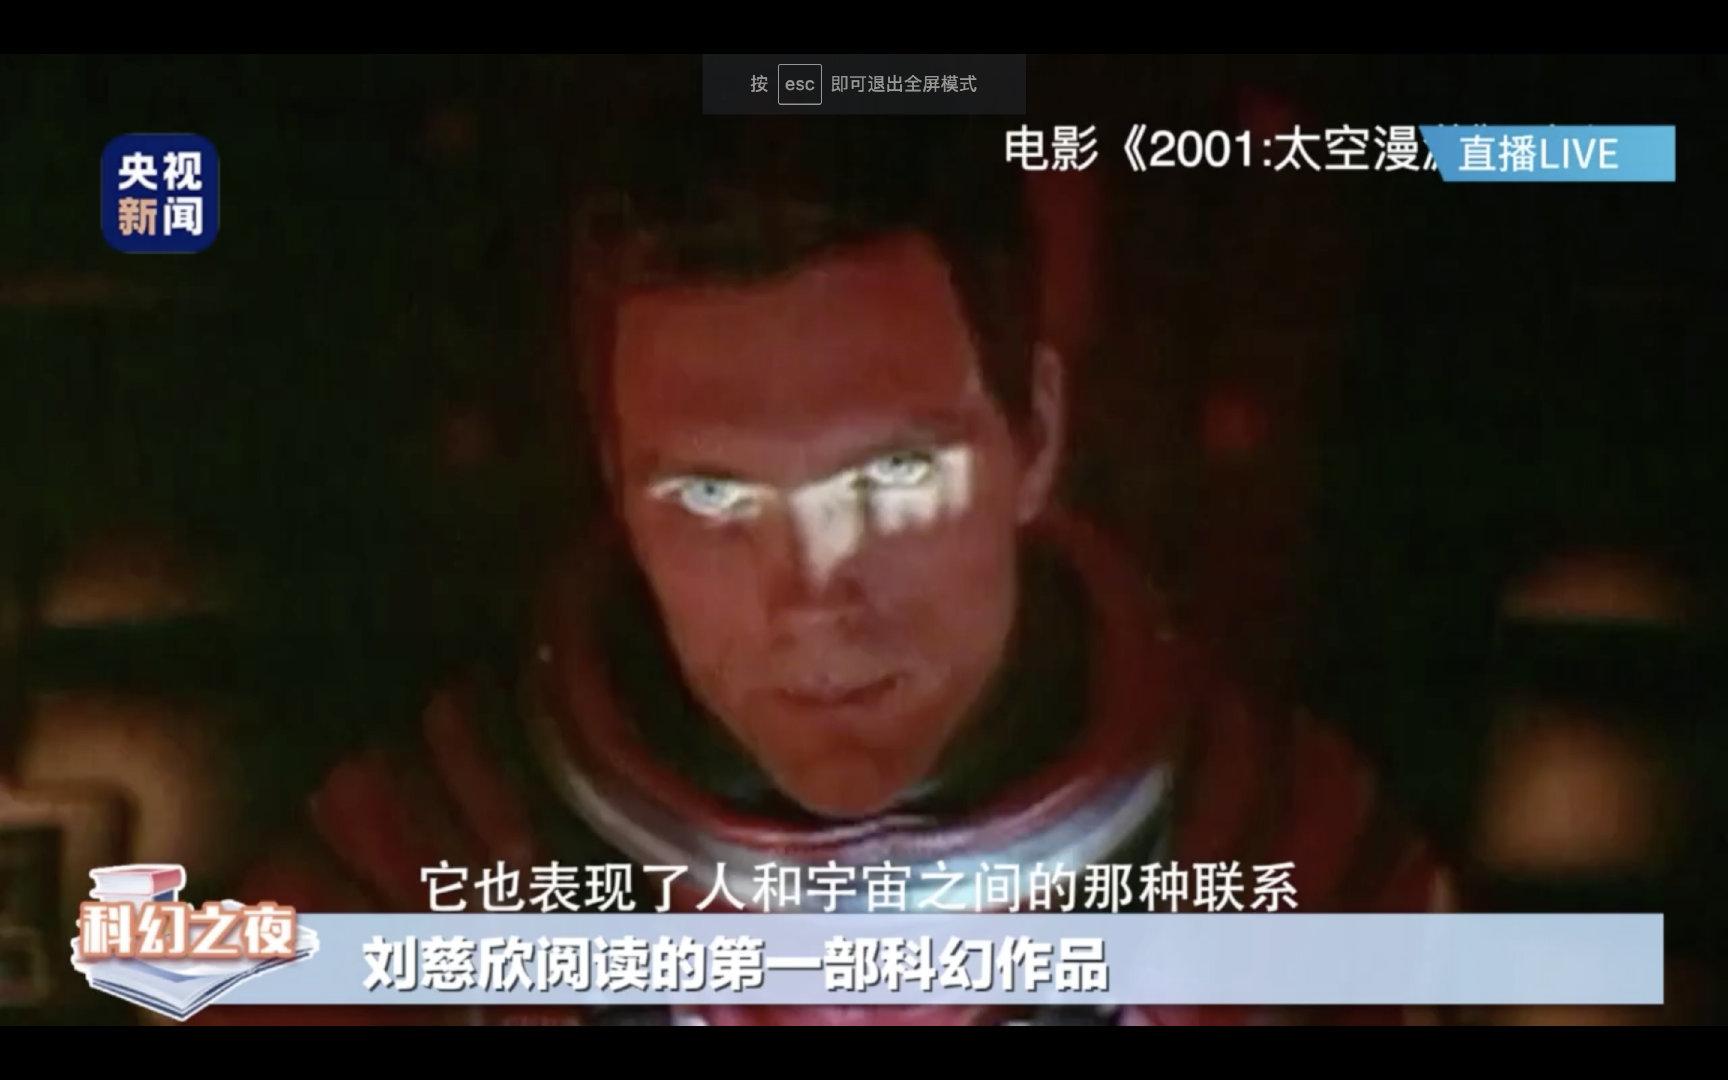 大刘刚才在@央视新闻 直播,给孩子们推荐科幻读物+接受采访